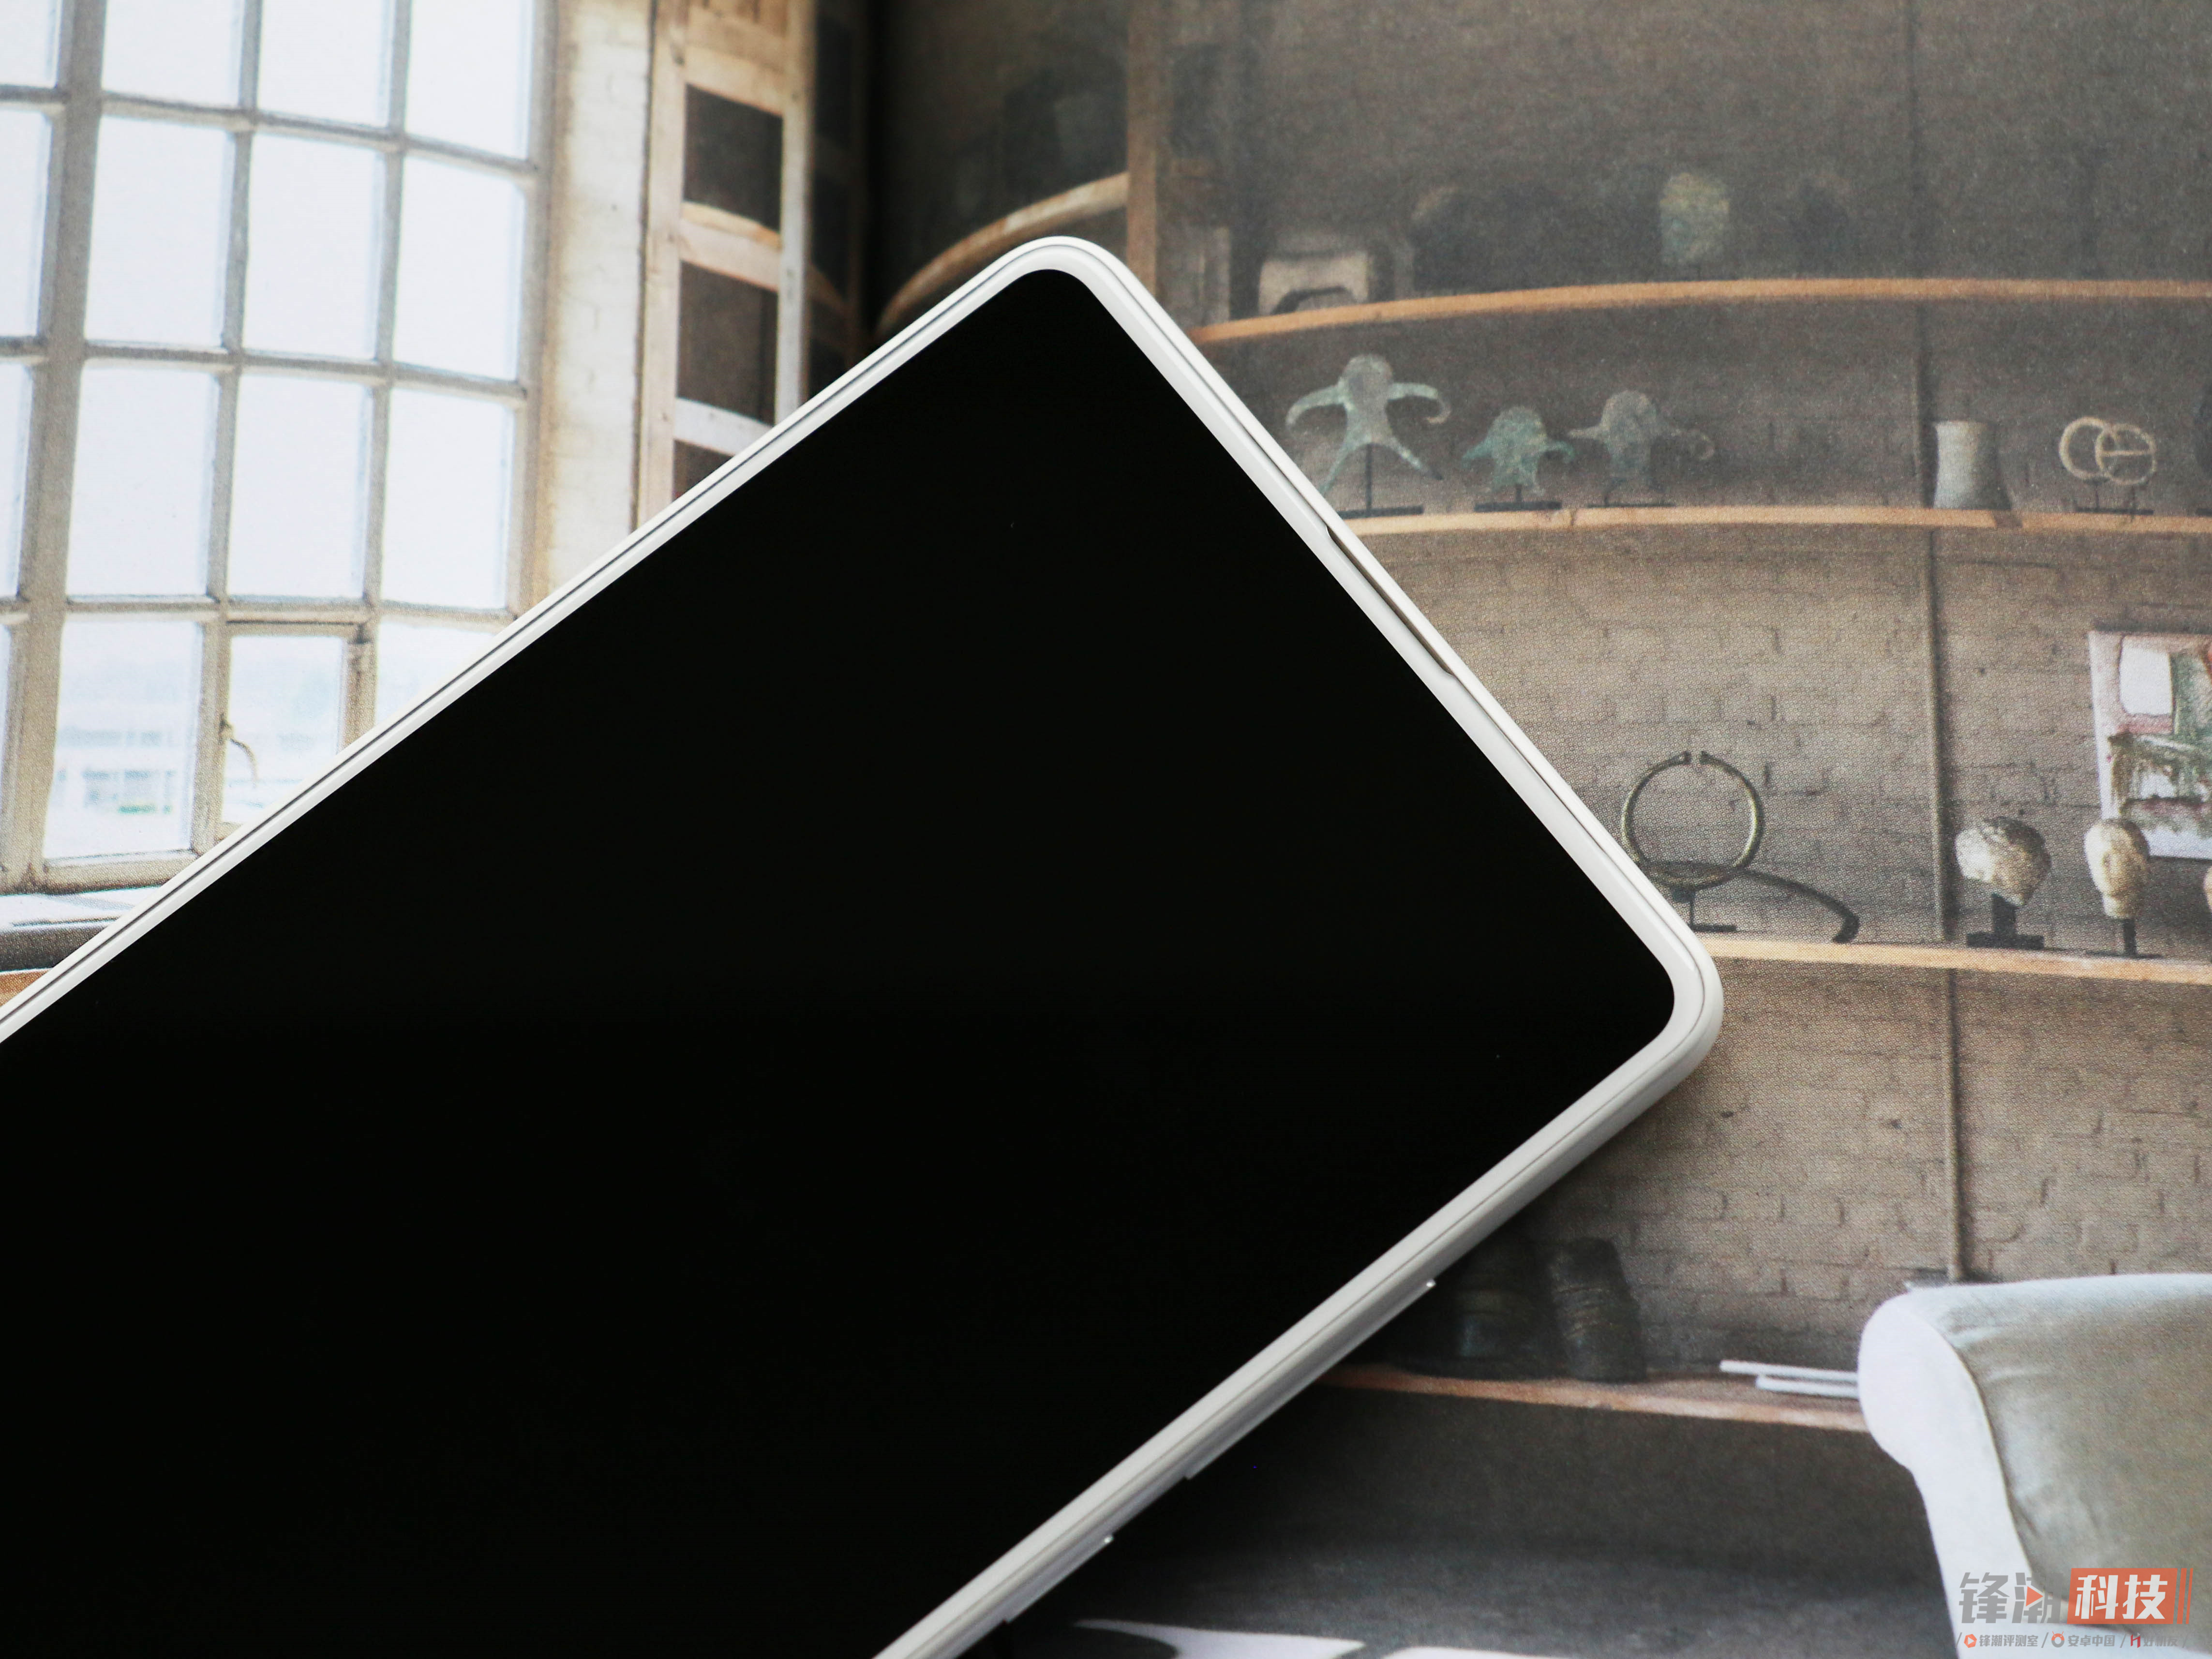 【力皮西】宛如艺术品般的存在:小米MIX 2全陶瓷尊享版 真机图赏